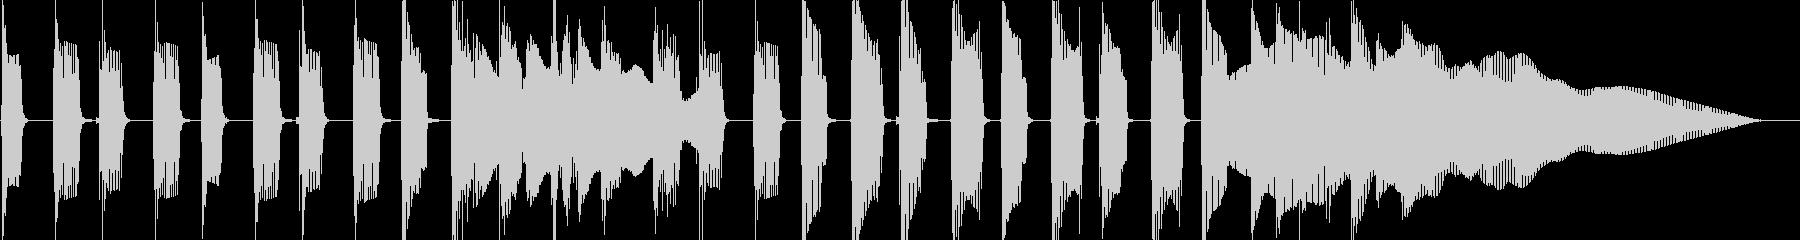 ポップでコミカルなジングルの未再生の波形